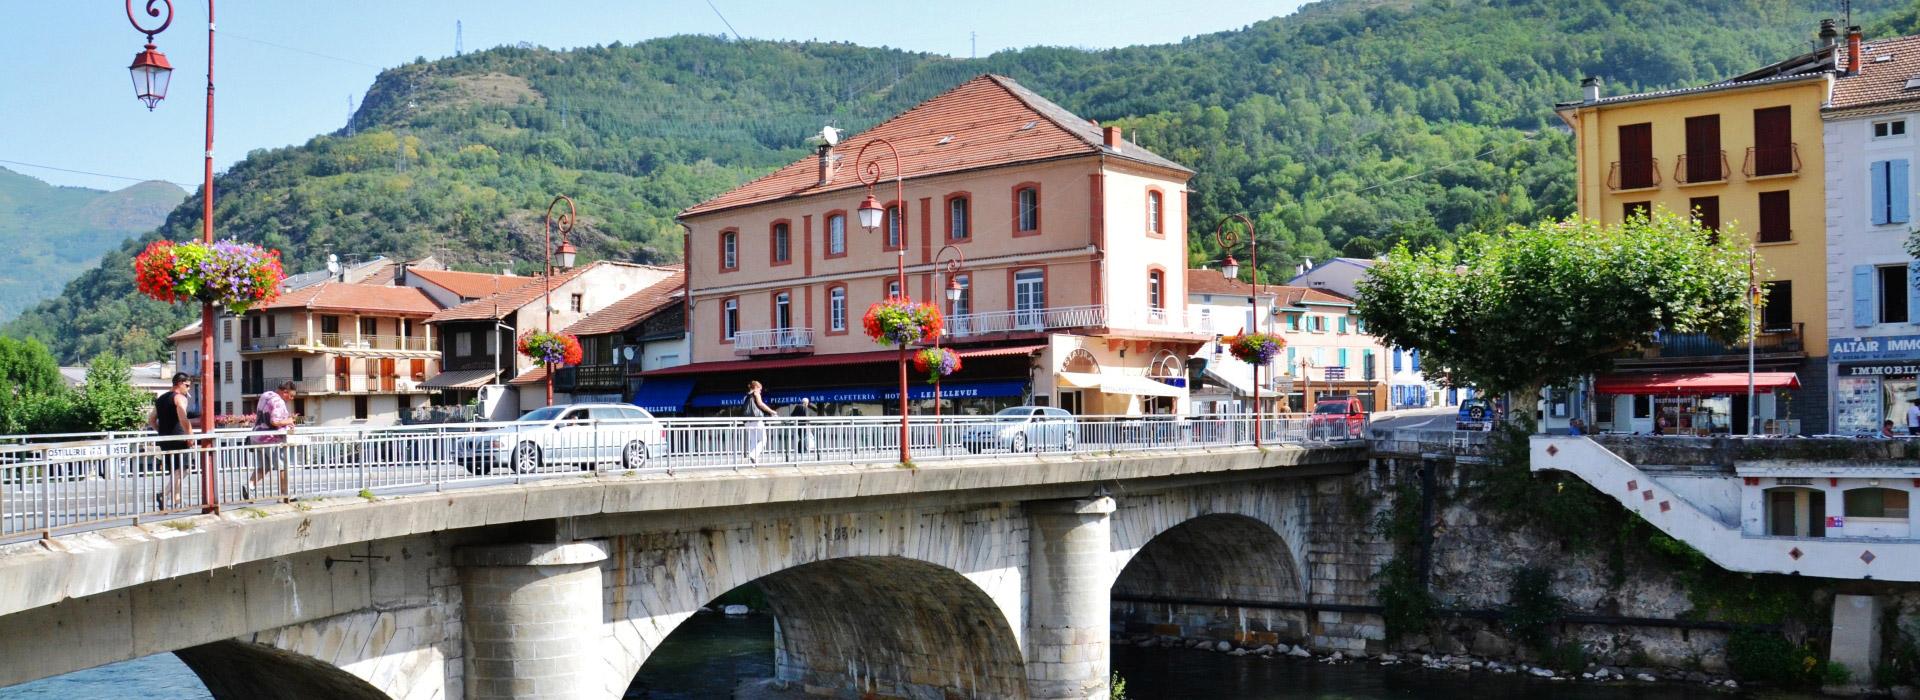 Location de Vélos à Tarascon Sur Ariège - Point Glisse